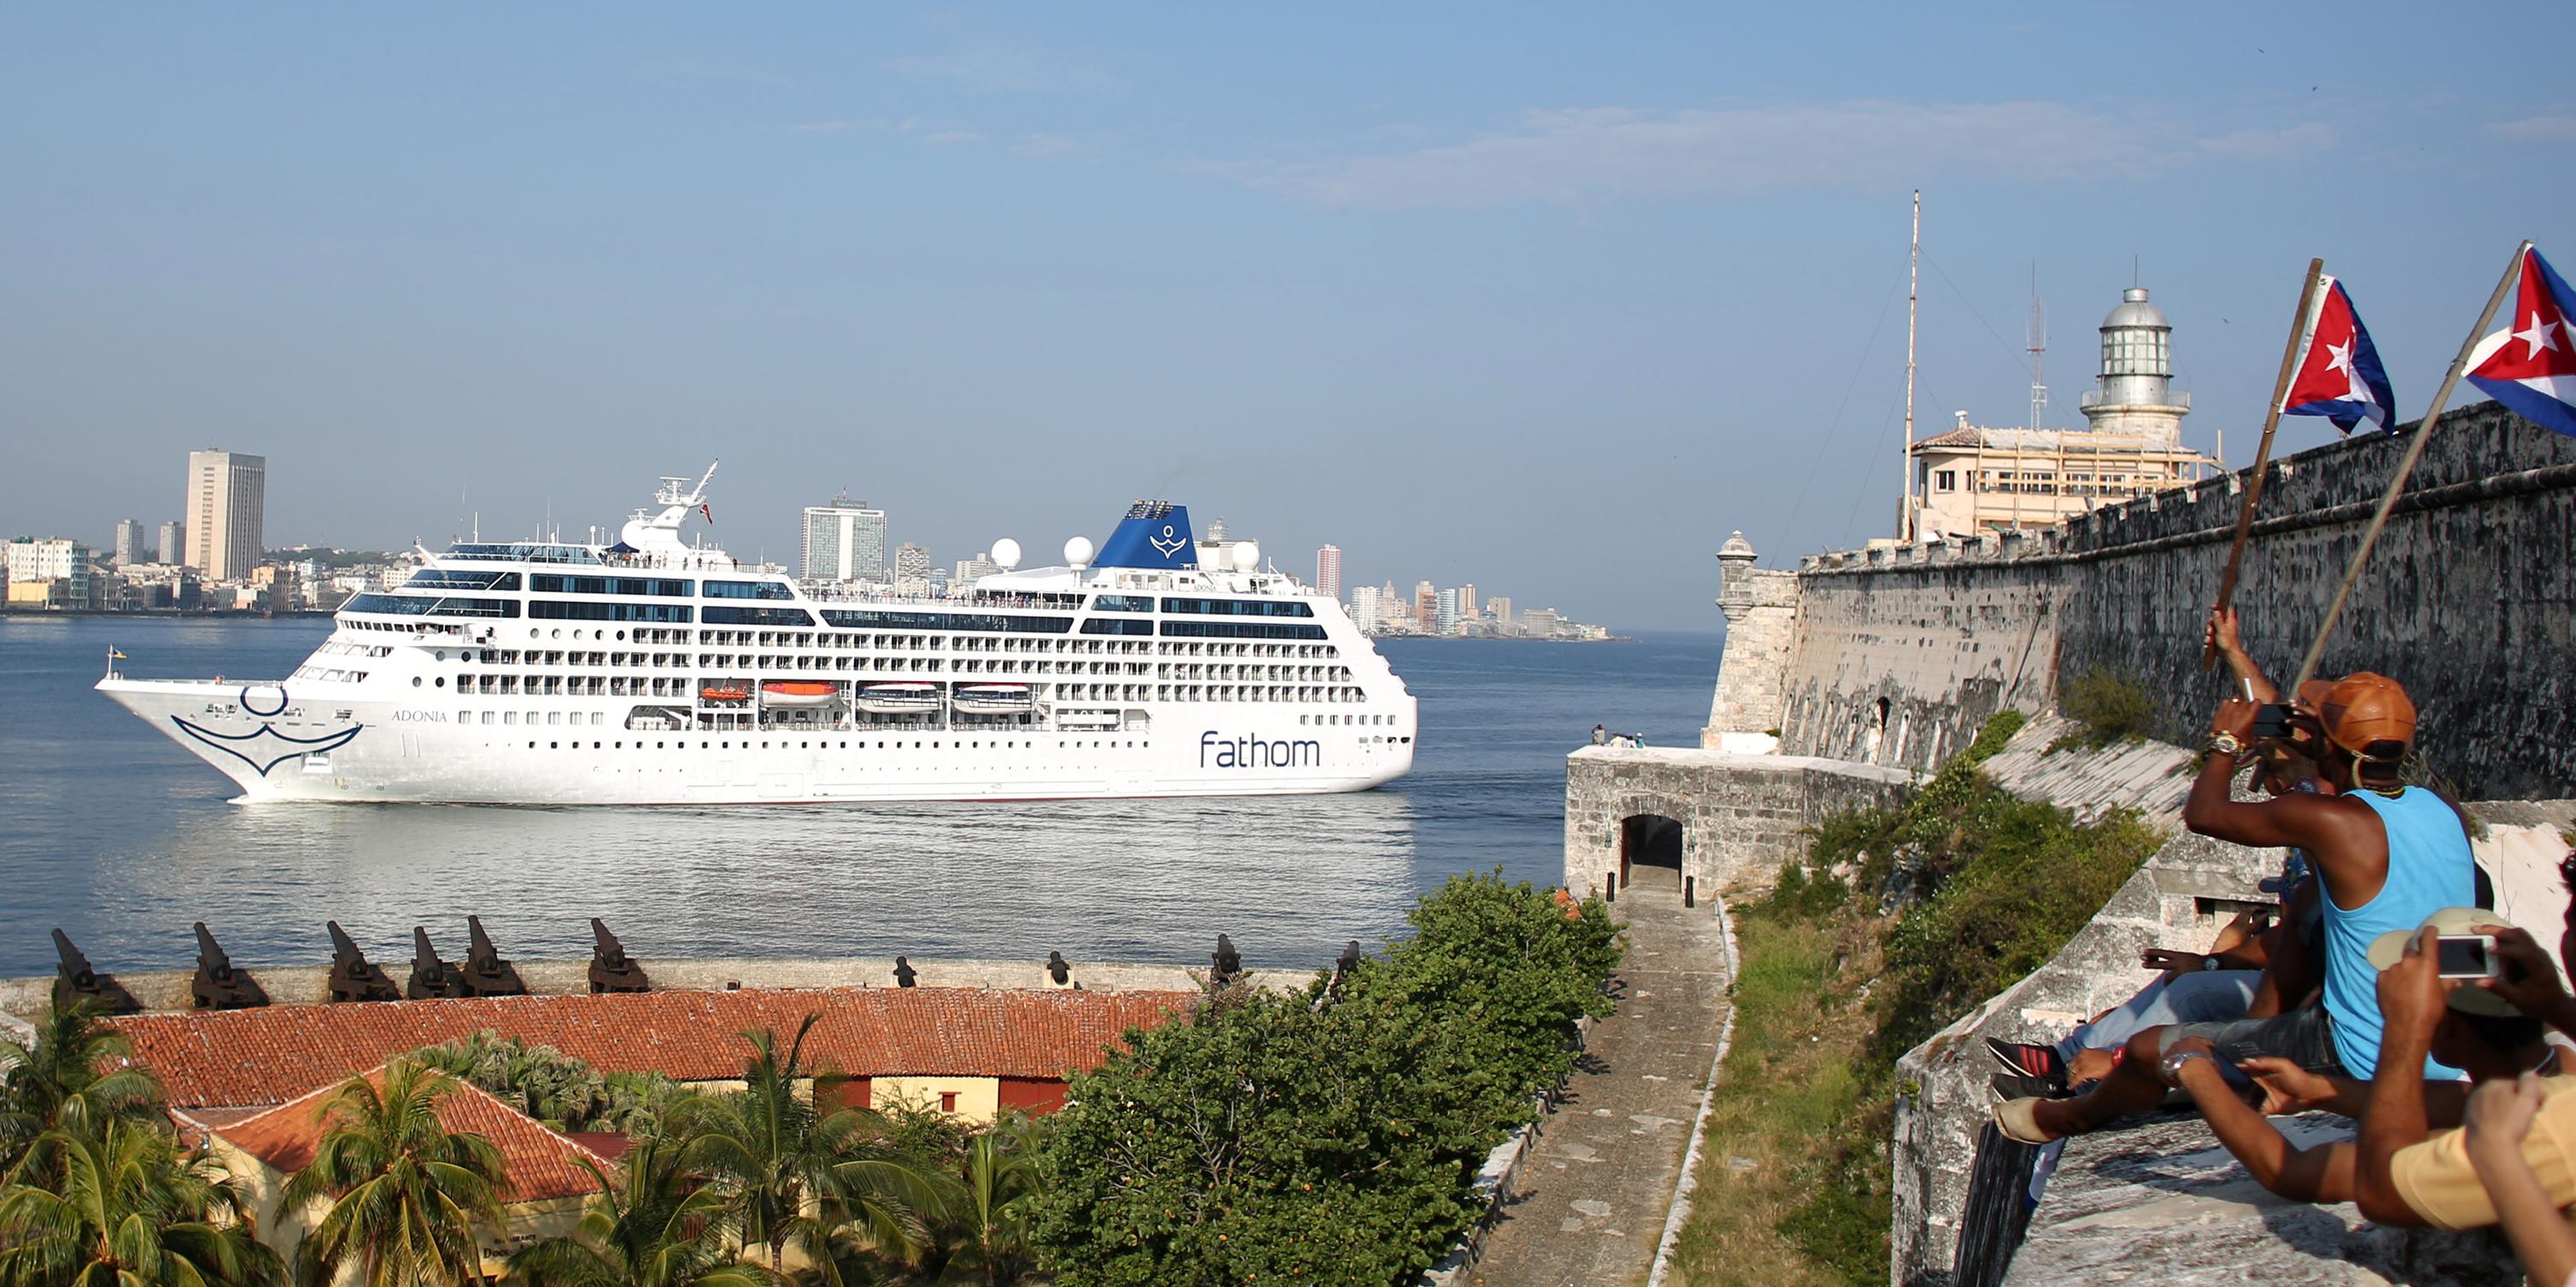 carnival-cuba-port-de-la-havane-biens-confisques-nationalisation-cubains-spolies-trump-loi-helms-burton